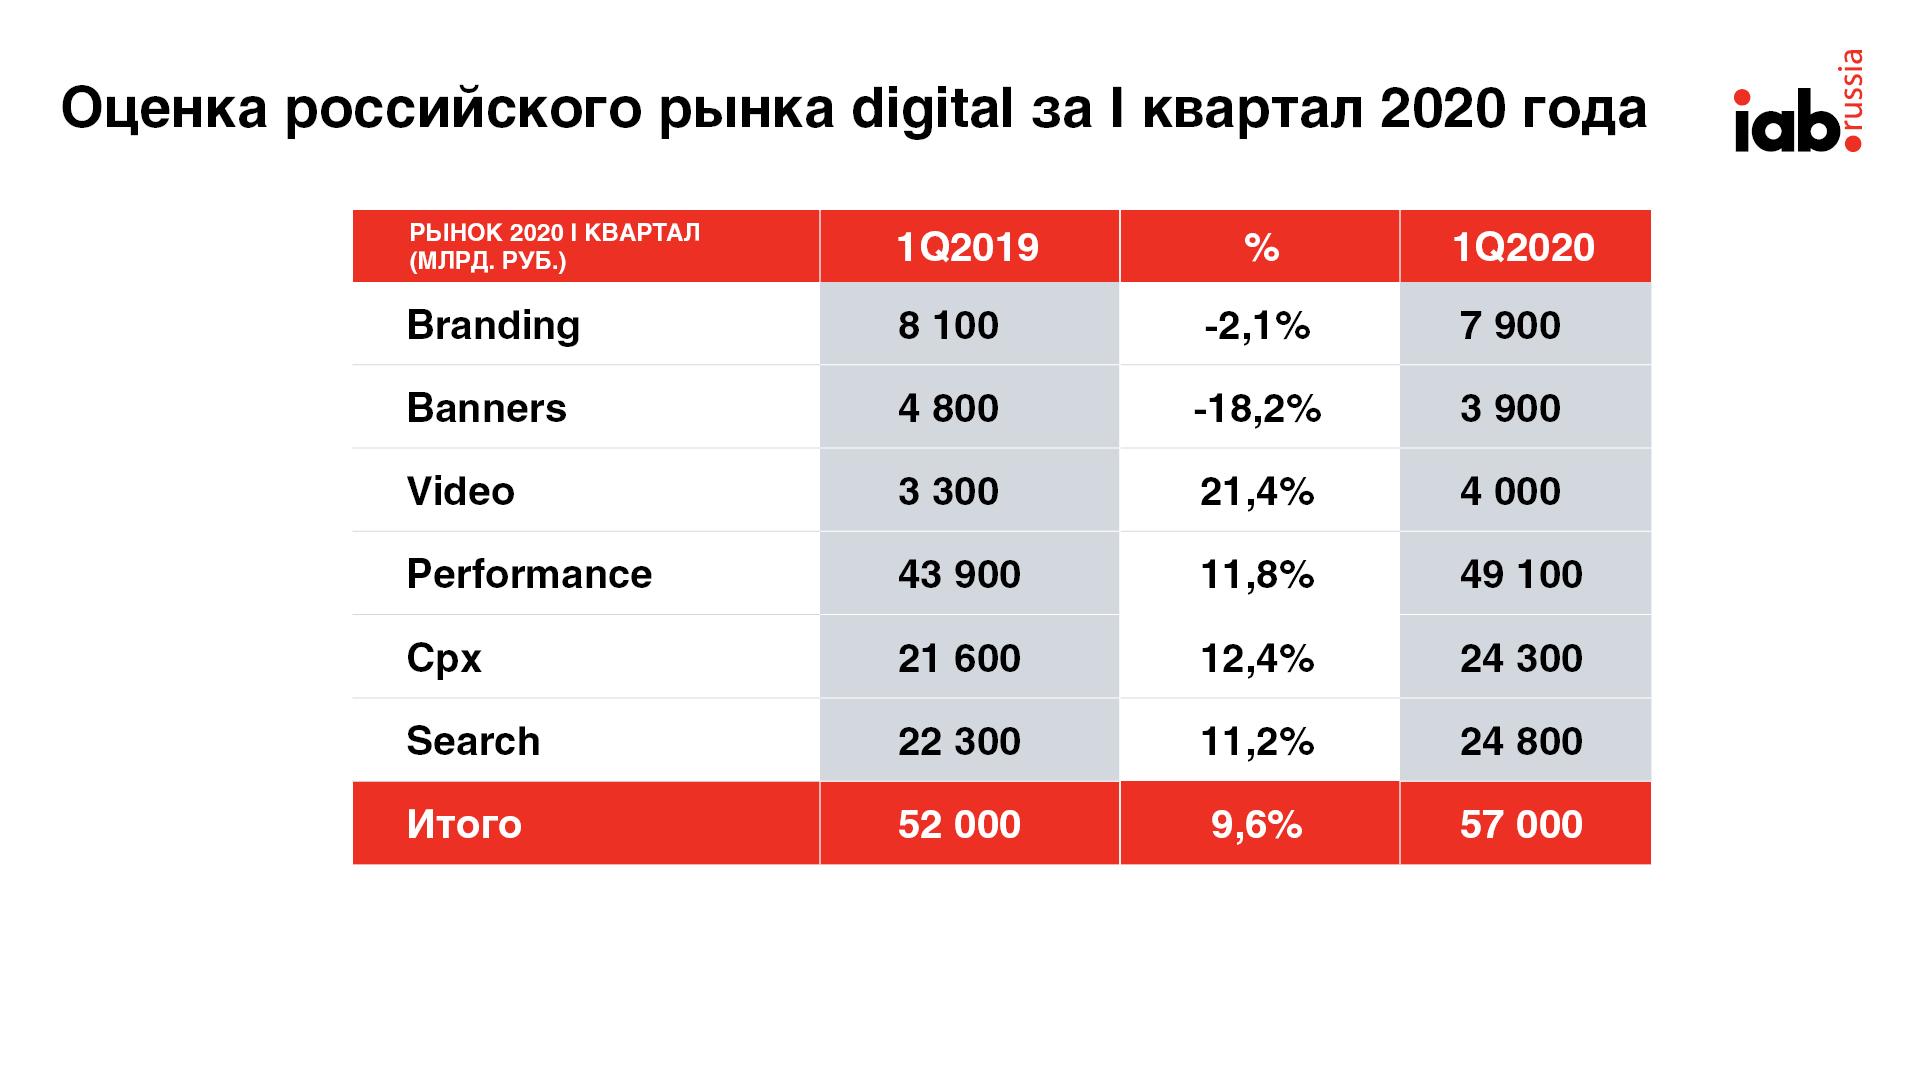 Интернет-реклама повторила кризисный сценарий 2015 года